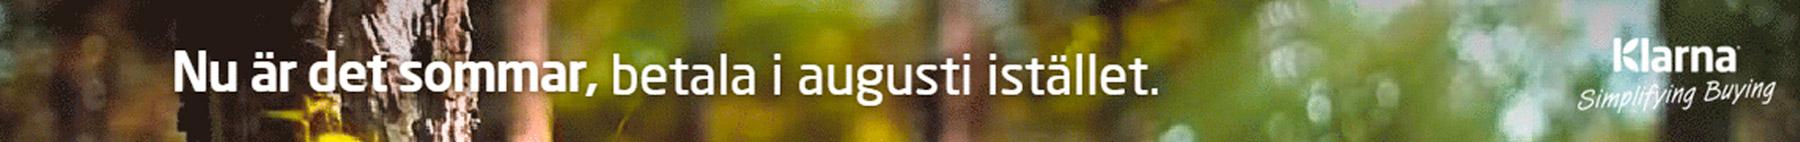 Betala i Augusti